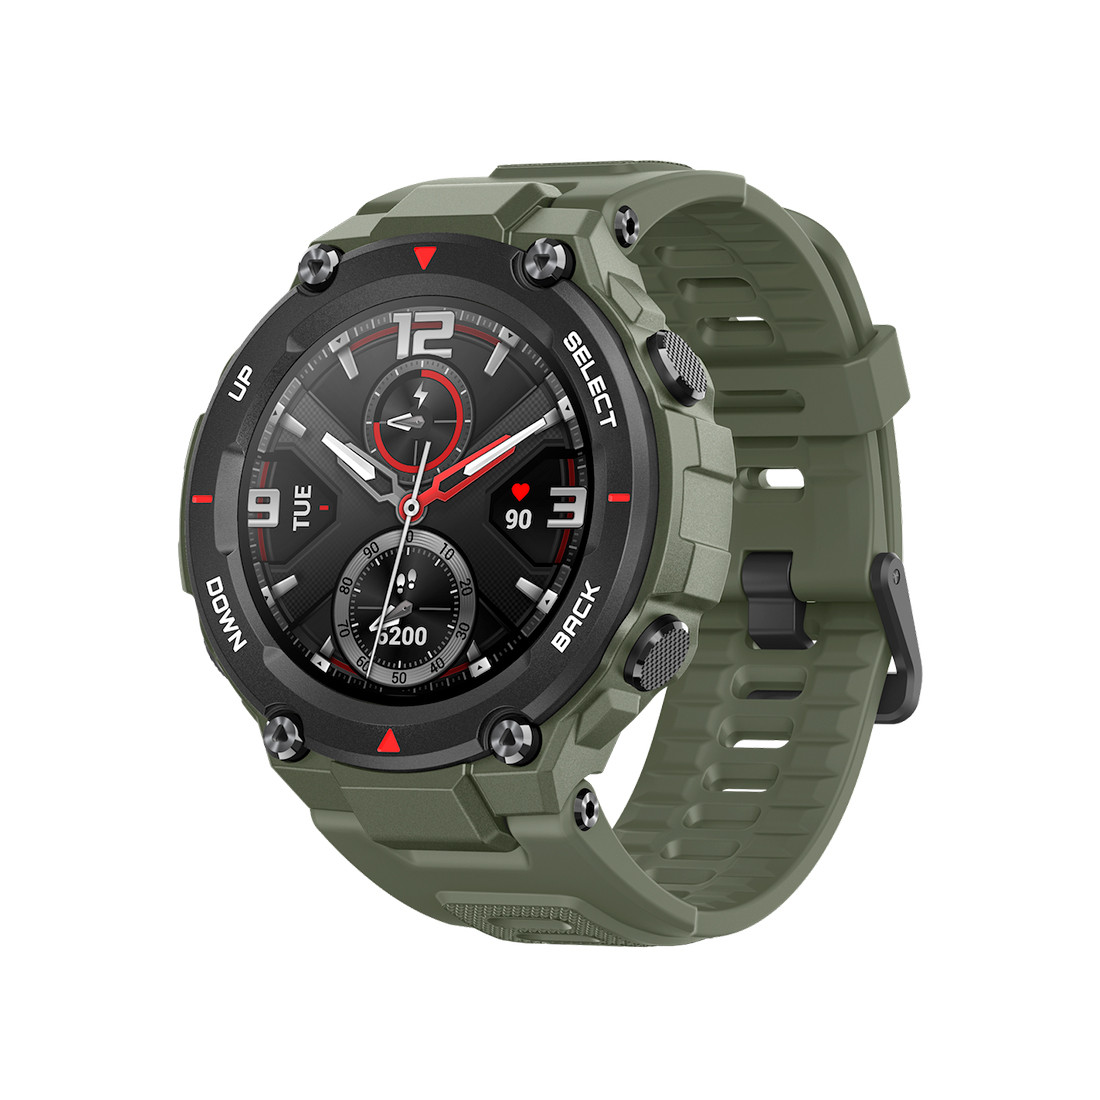 Смарт часы, Xiaomi, Amazfit T-Rex A1919, Разрешение 360*360 pixel, GPS, GLONAS, Водонепроницаемые (5